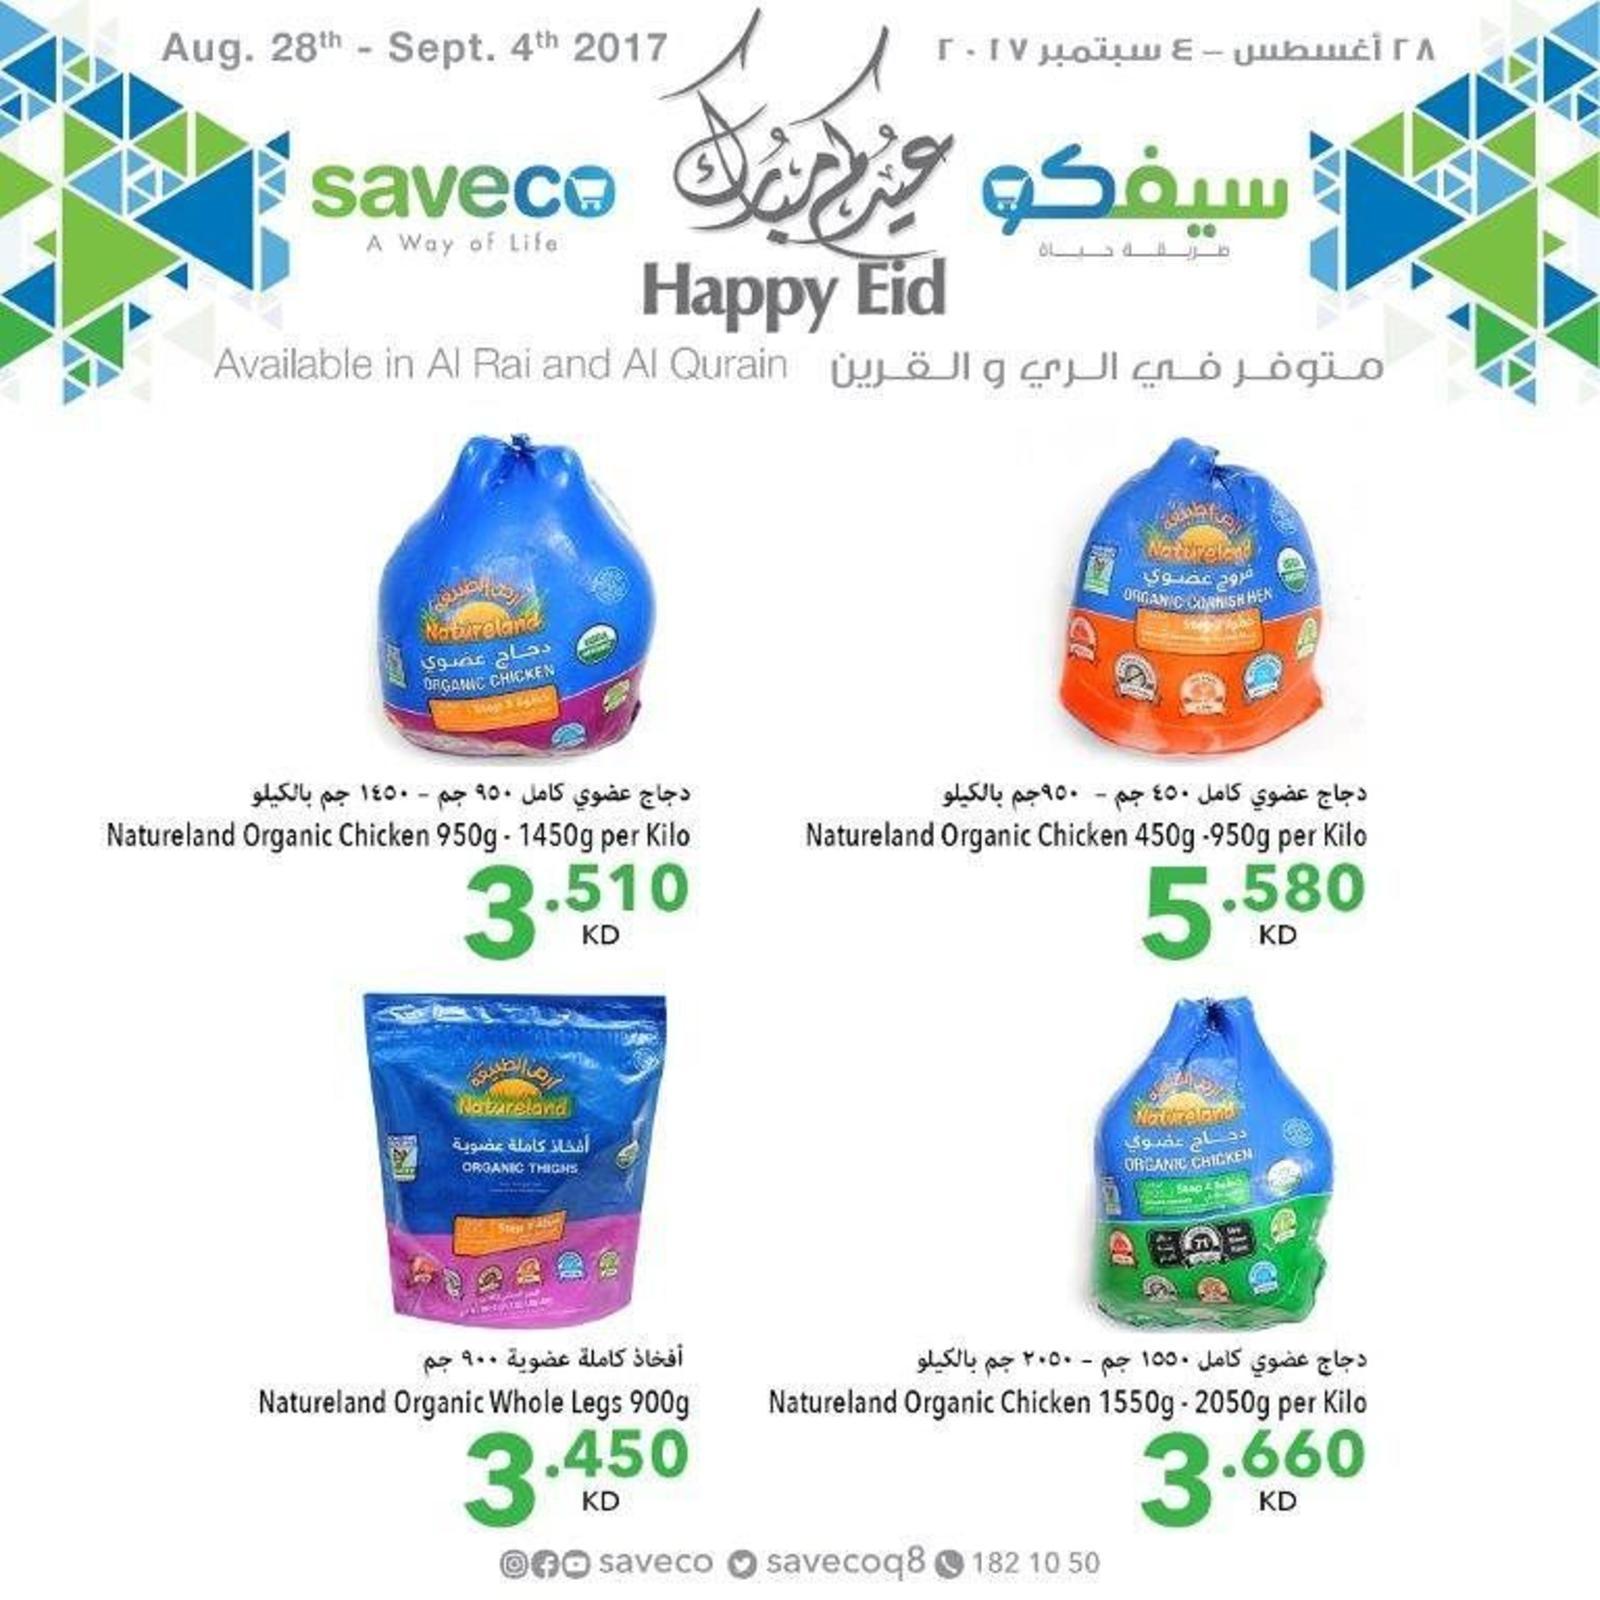 عروض سيفكو الكويت من 28 أغسطس حتى 4 سبتمبر 2017 عيد الأضحى